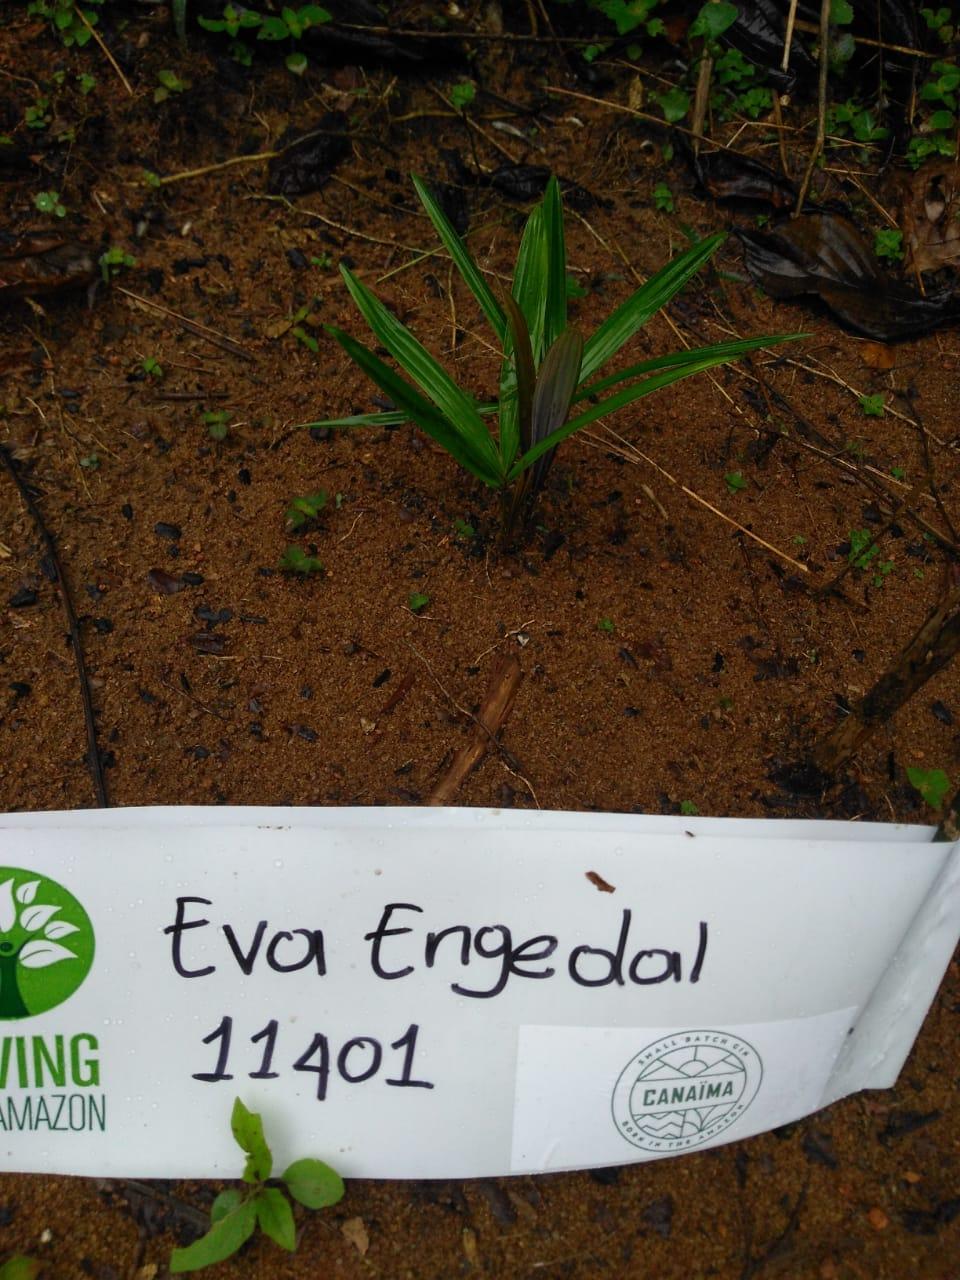 Eva Engedal